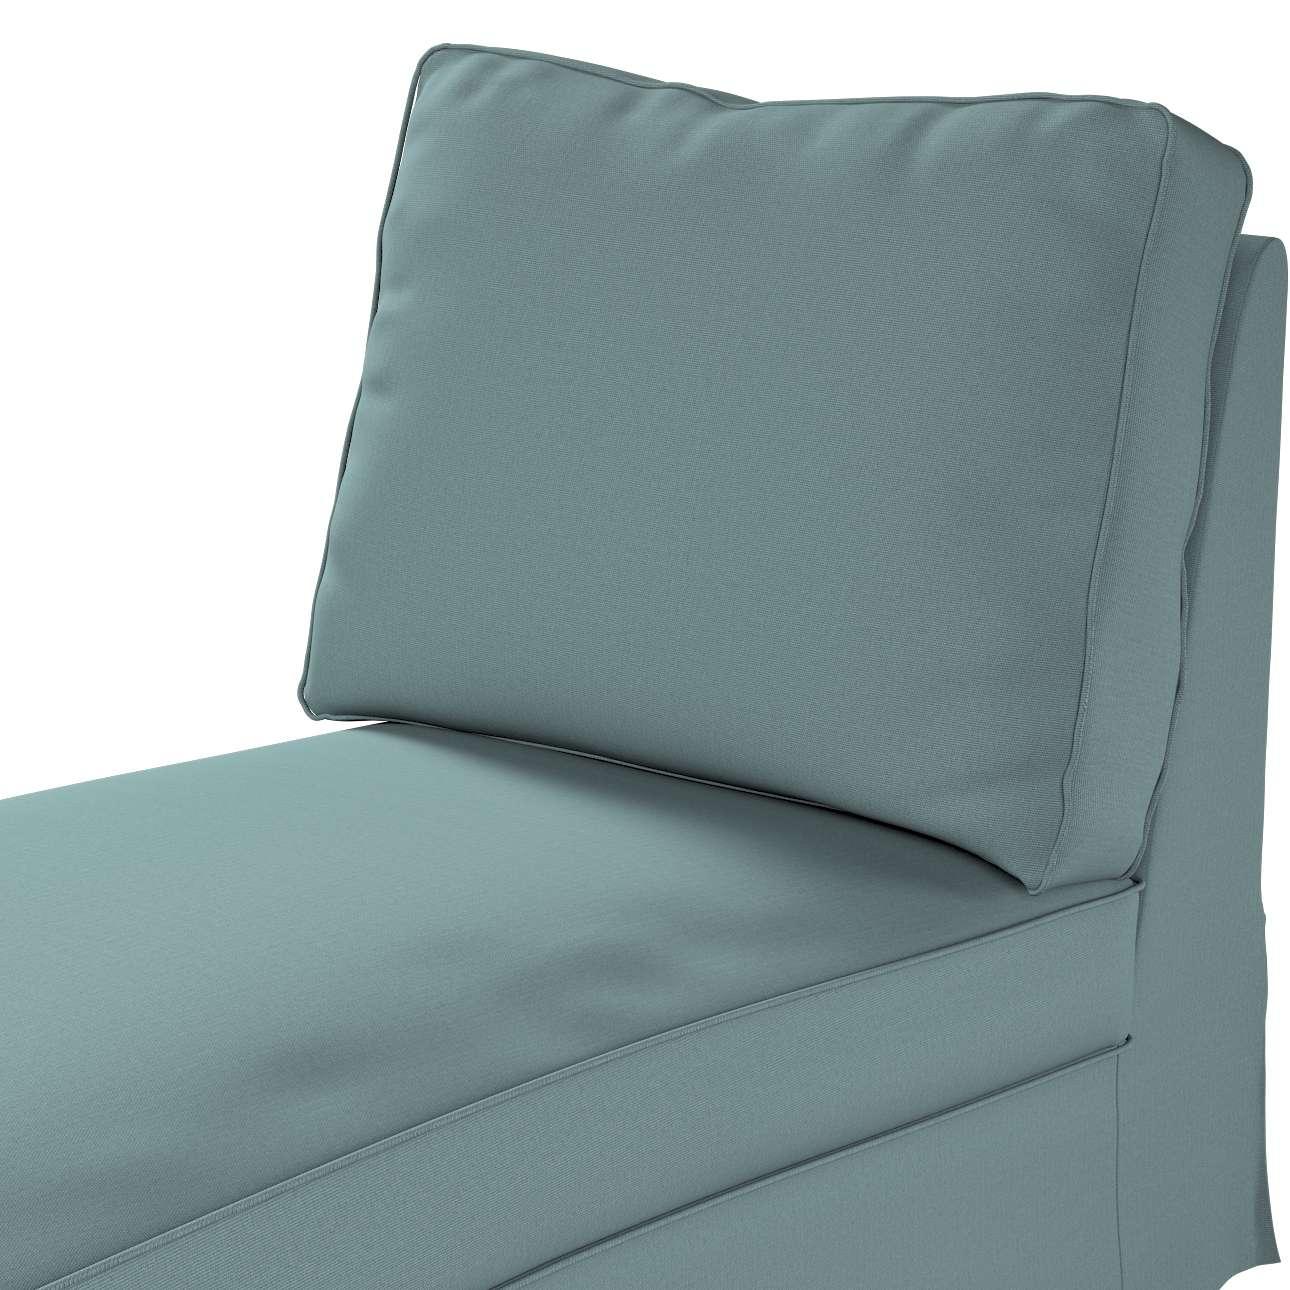 Pokrowiec na szezlong/ leżankę Ektorp wolnostojący prosty tył w kolekcji Cotton Panama, tkanina: 702-40